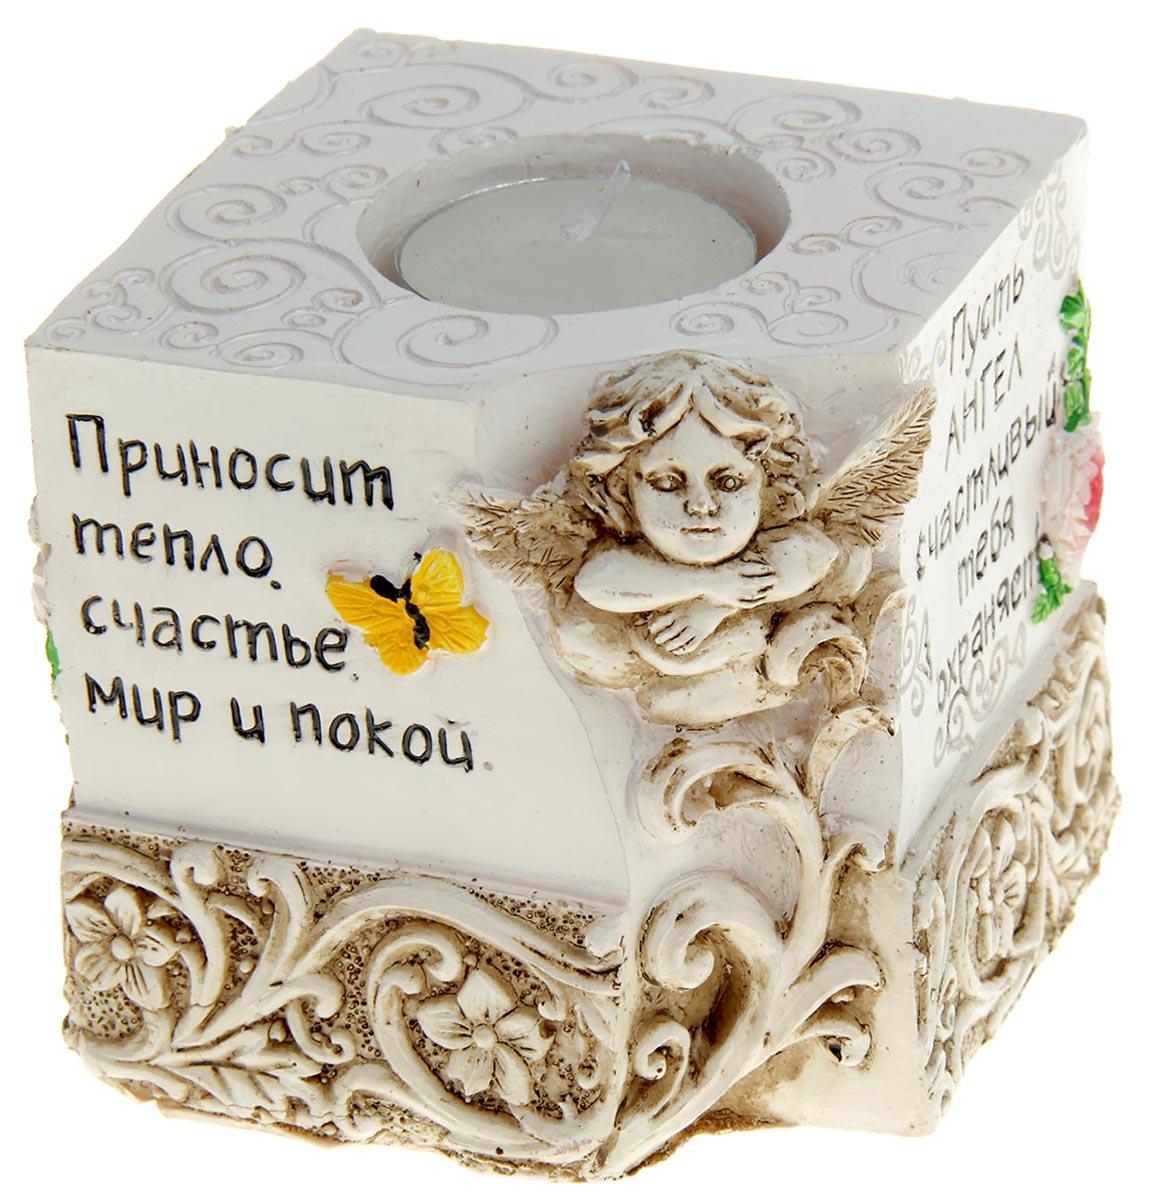 Подсвечник Sima-Land Счастливый Ангел, со свечой, цвет: бежевый, белый, 8,5 х 8,5 х 8,5 см886159Подсвечник со свечой Счастливый Ангел – нежный и душевный сувенир на память тому, кто вам по-настоящему дорог, и вы хотите сделать ему особенный подарок.Подсвечник изготовлен из полистоуна, стилизован под лепнину. Рисунок и узор рельефные: текст выдавлен на материале и покрыт краской, в одном уголке расположена объемная композиция. Подсвечник отлично подходит под стандартный размер свечей.Сувенир упакован в подарочную коробку и готов для вручения. К упаковке прикрепляется маленькая открытка, в которой даритель может оставить свое пожелание.